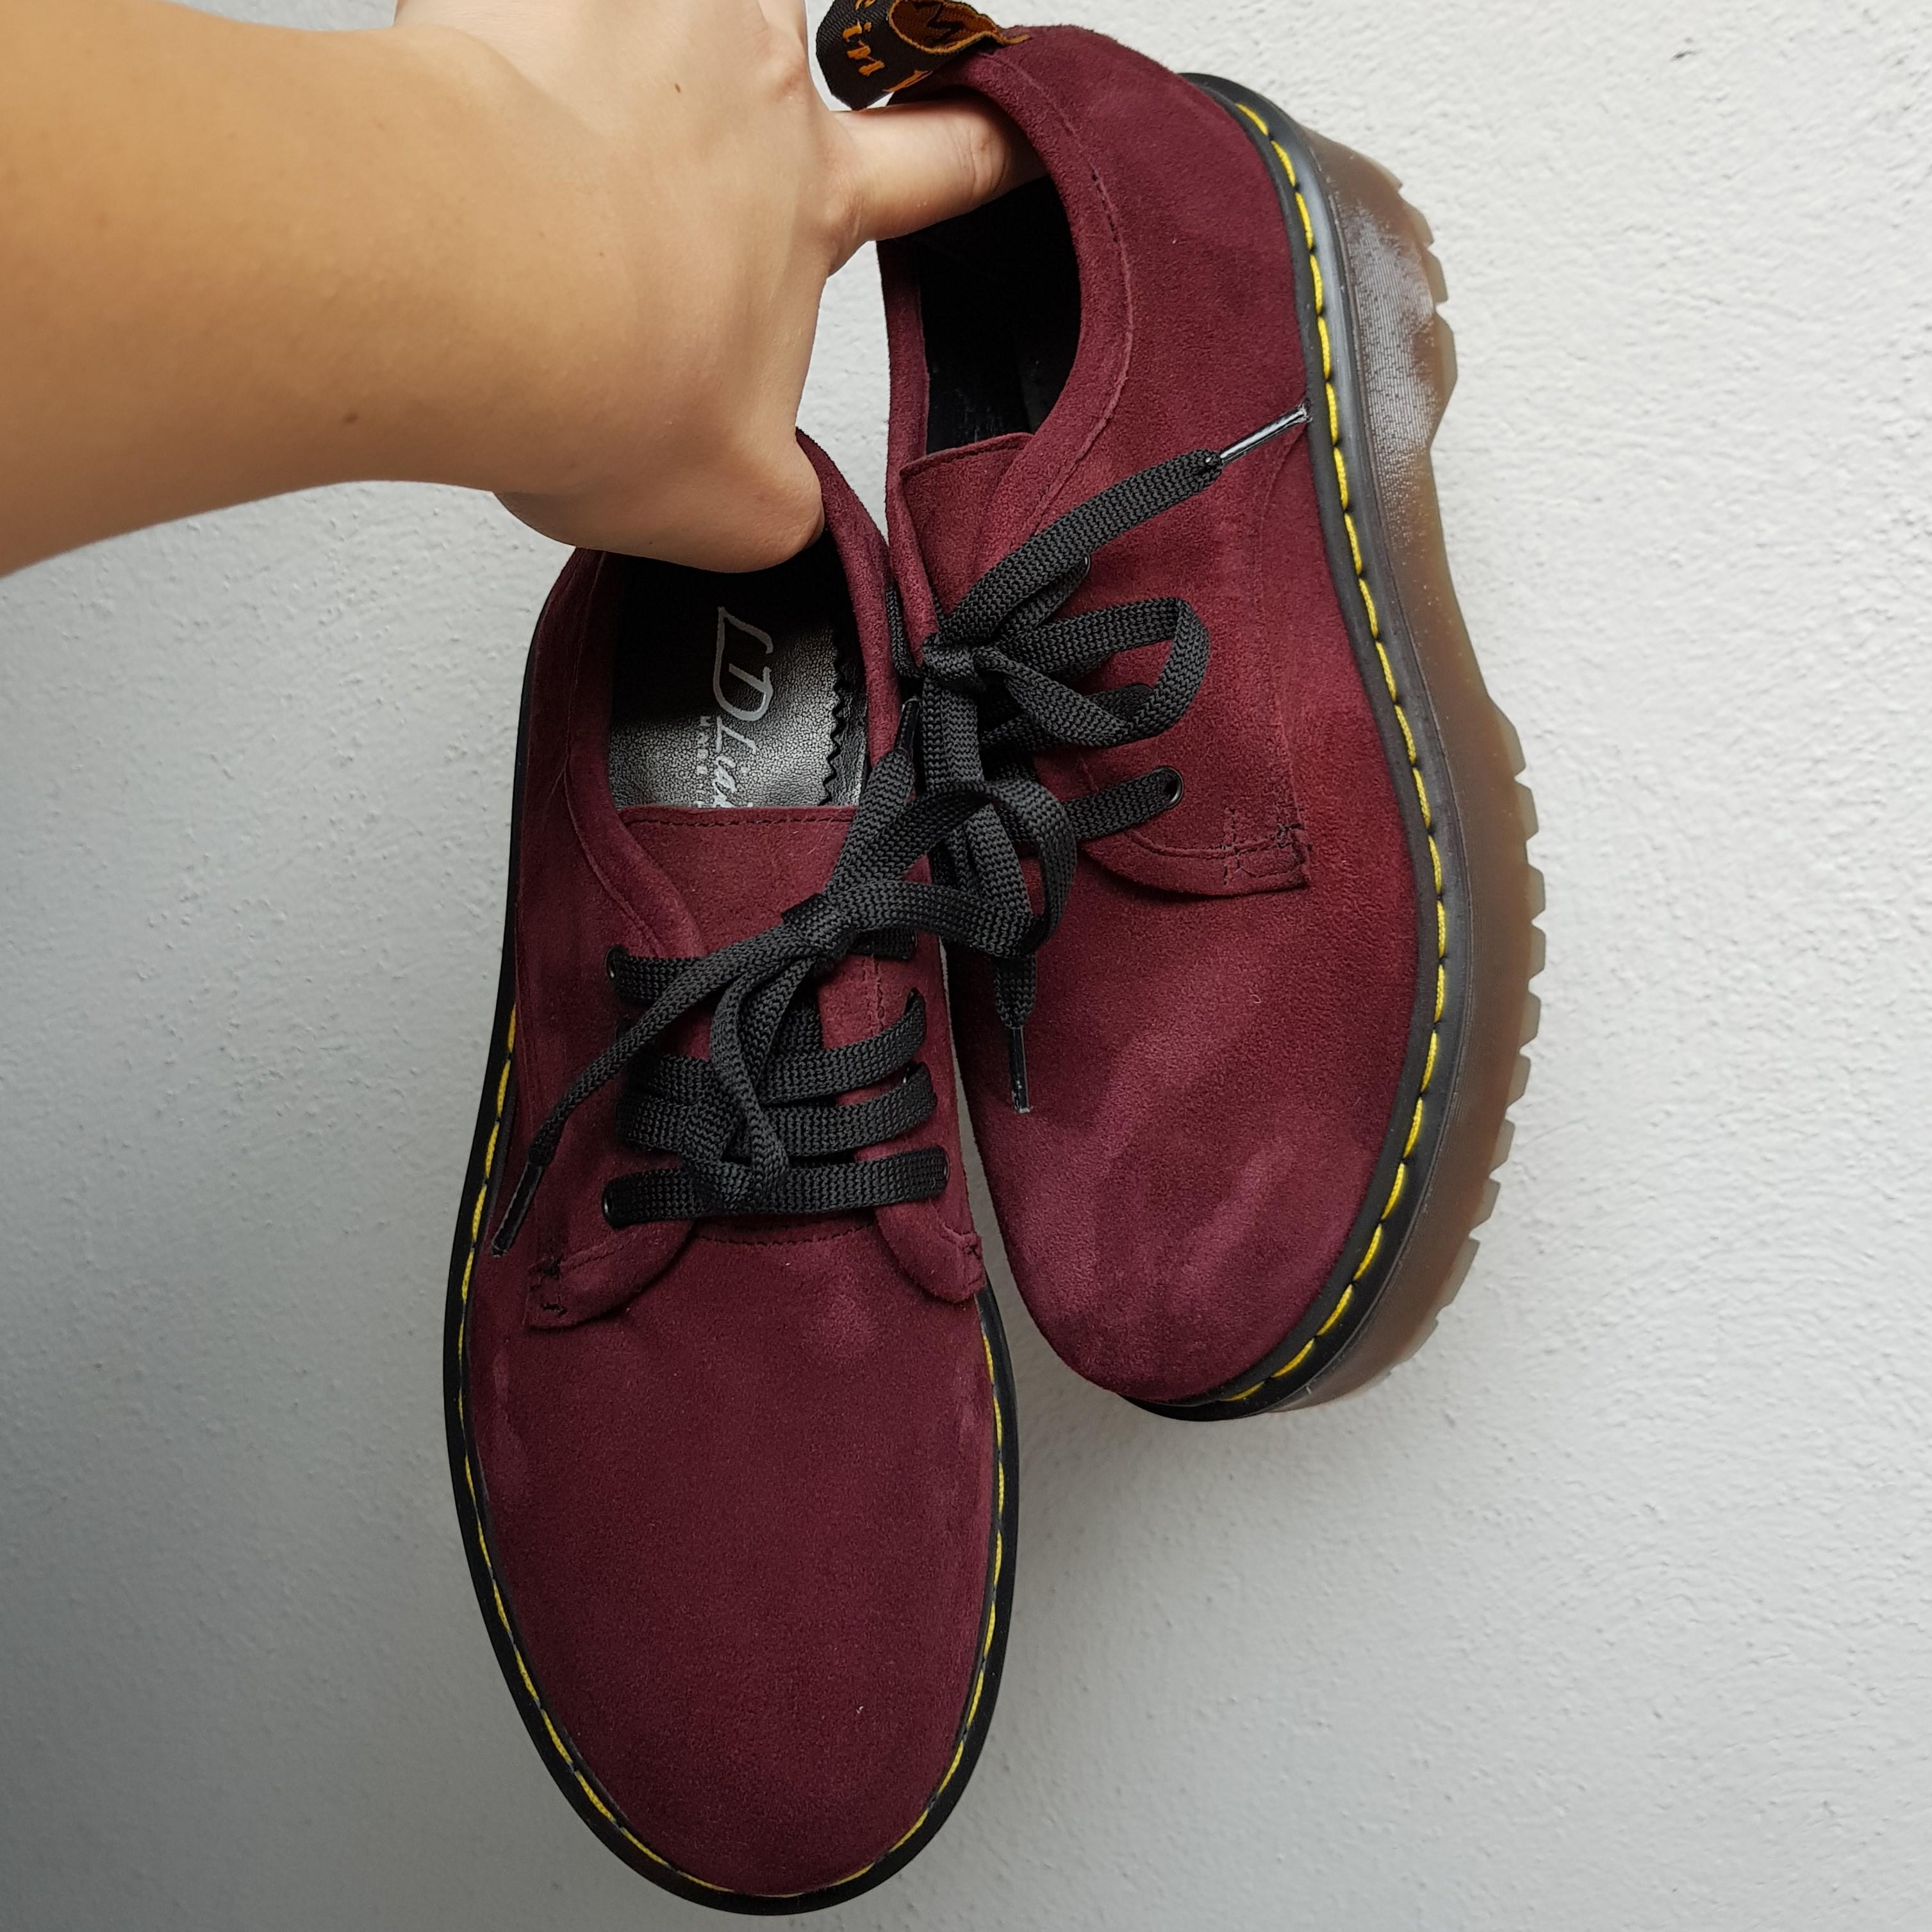 Scarpa camoscio bordeaux oxford2 - Lia diva scarpe ...